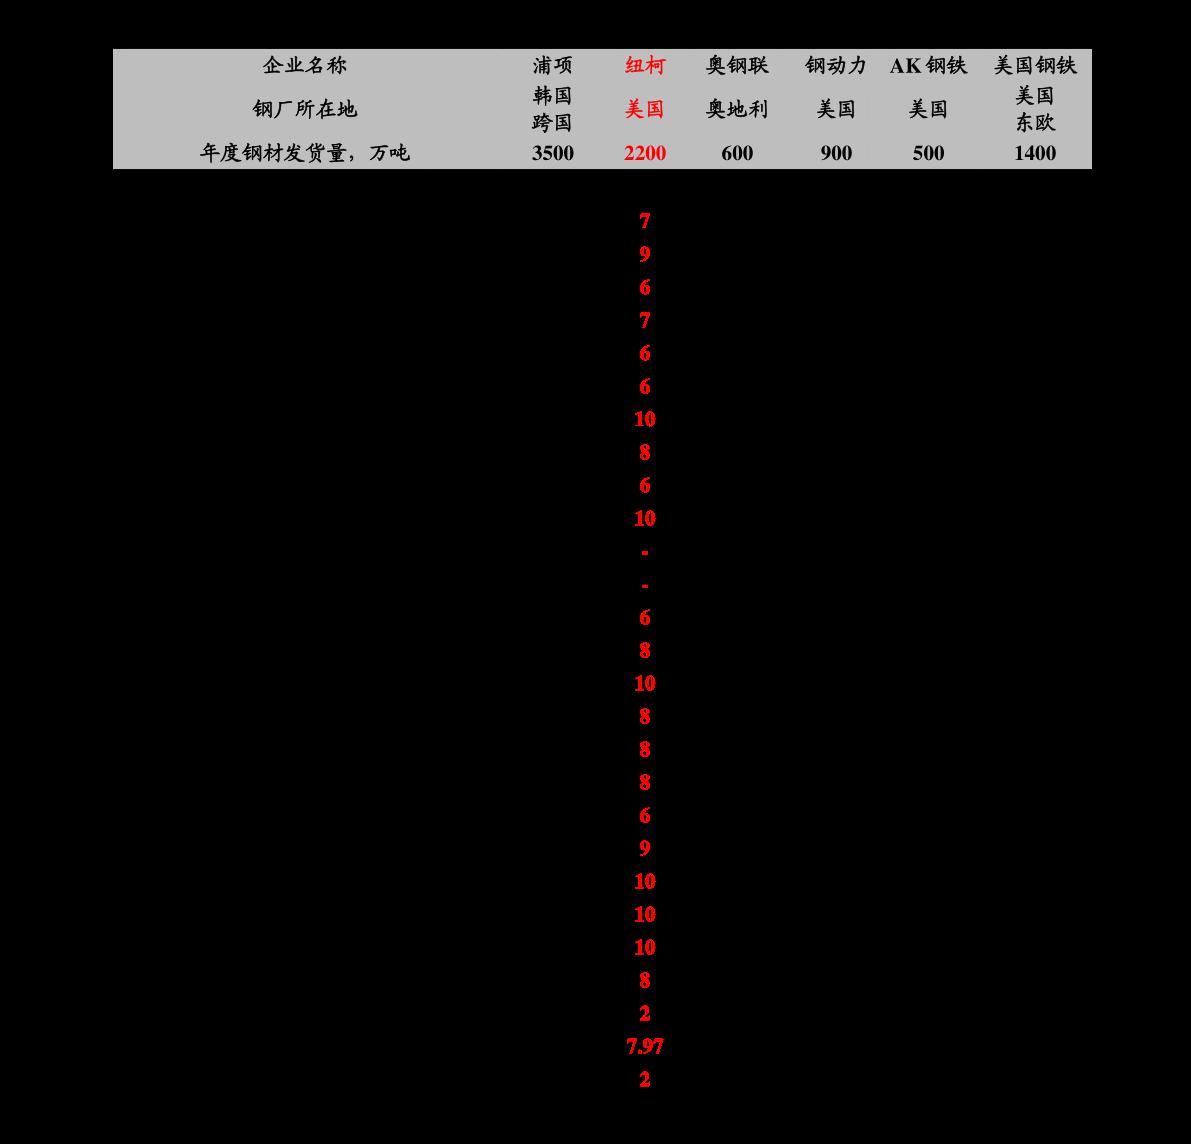 黄鹤楼香烟品种价目表